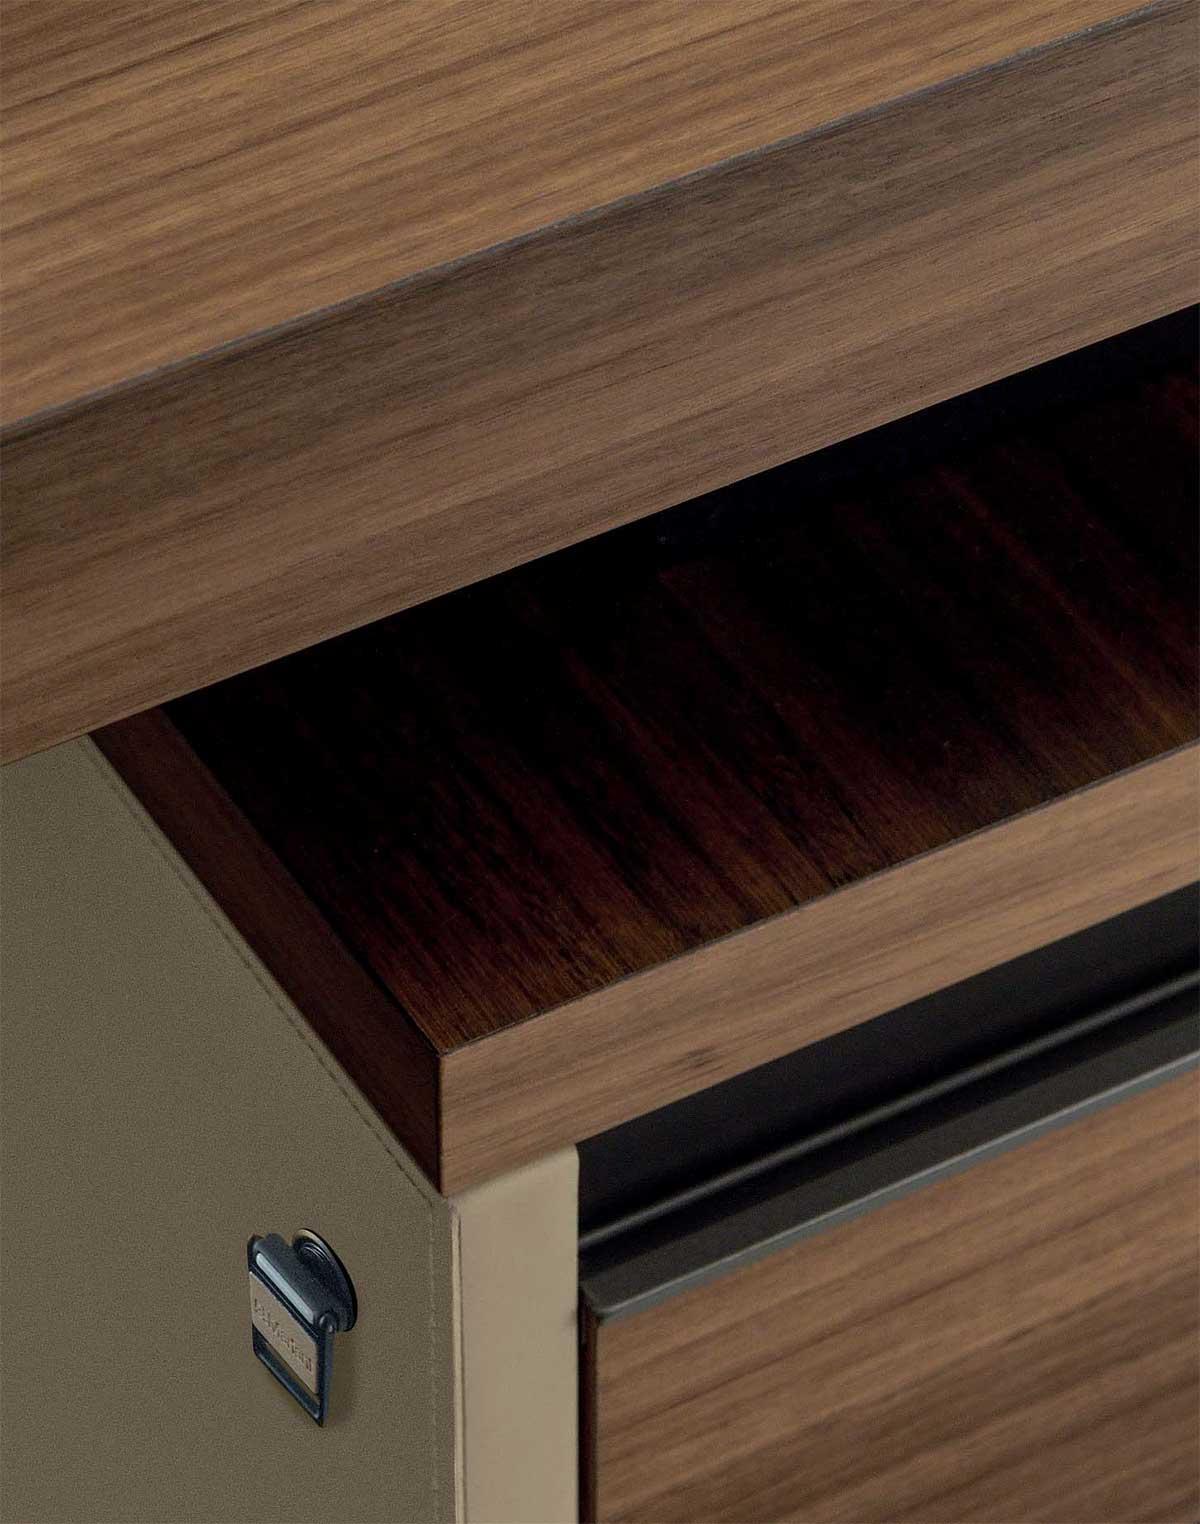 Legno e cuoio, elementi caldi ed eleganti, rifiniscono la scrivania direzionale Kefa di Matteo Nunziati. Arredamento da ufficio lussuoso ed esclusivo.